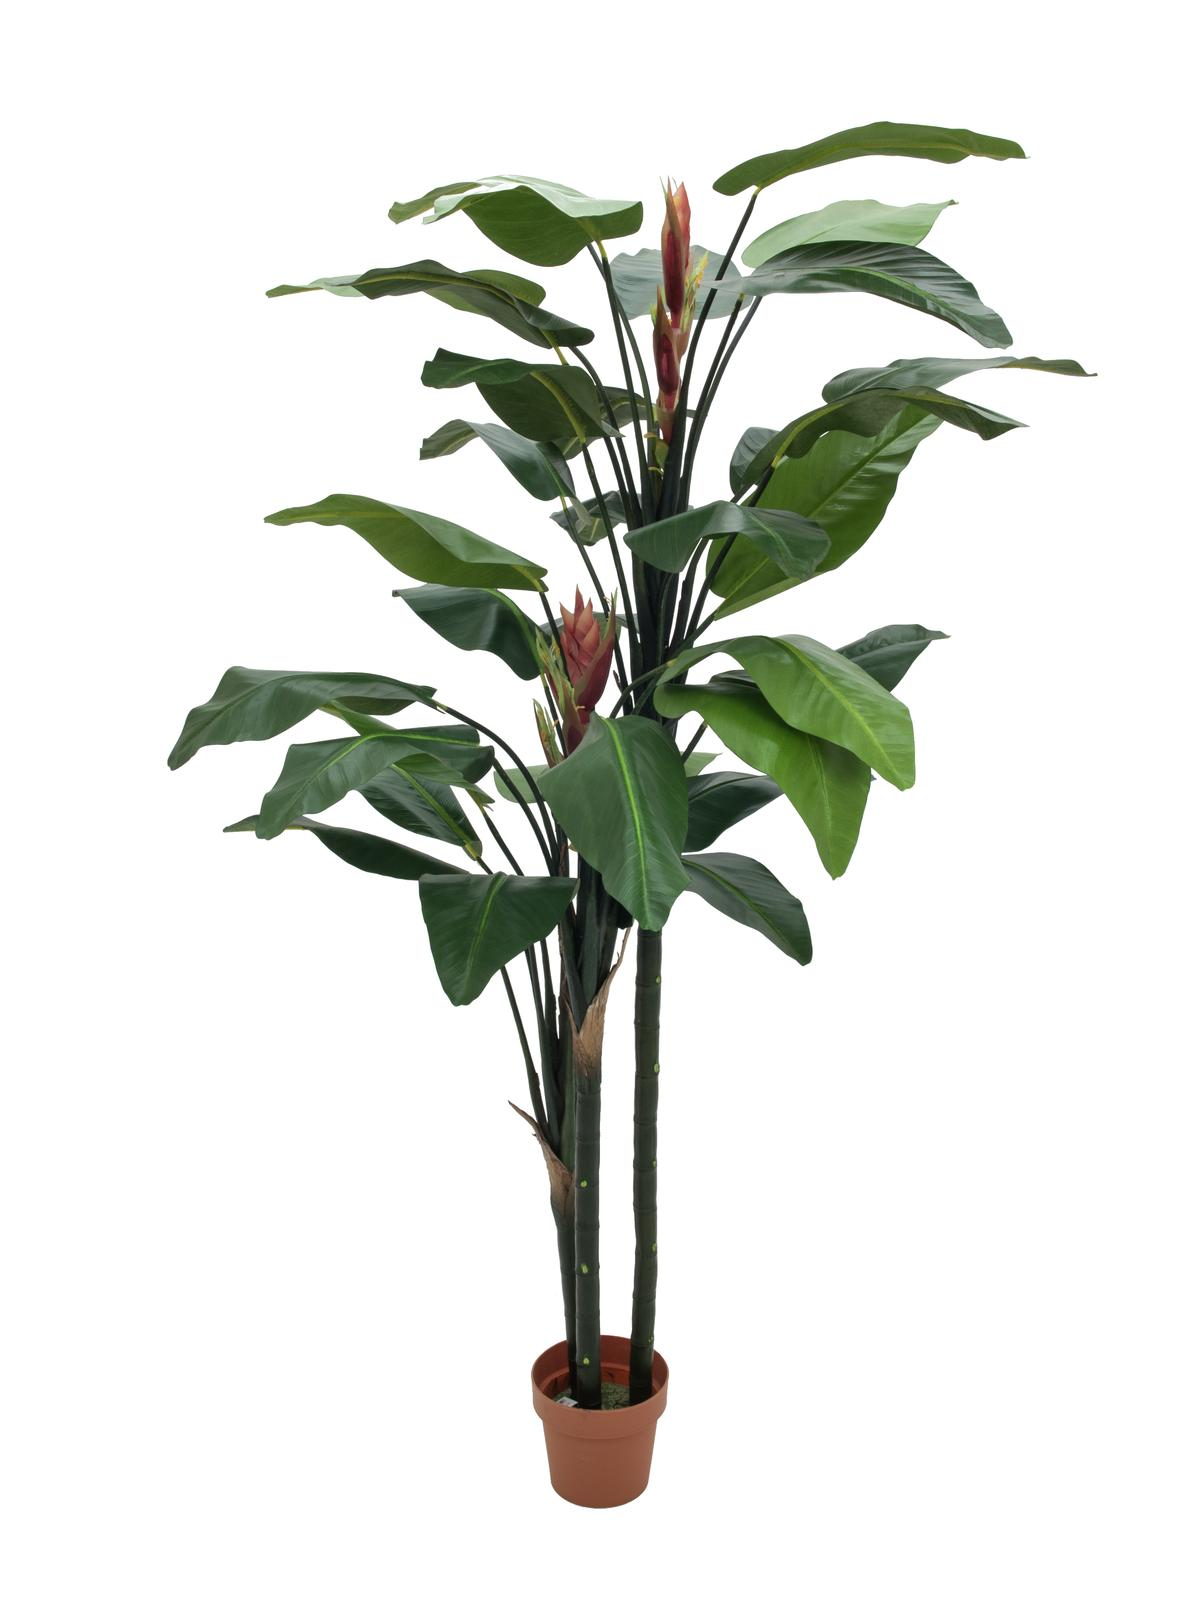 Europalms bird of paradise flower 220cm su for Bougainvillea bonsai prezzo